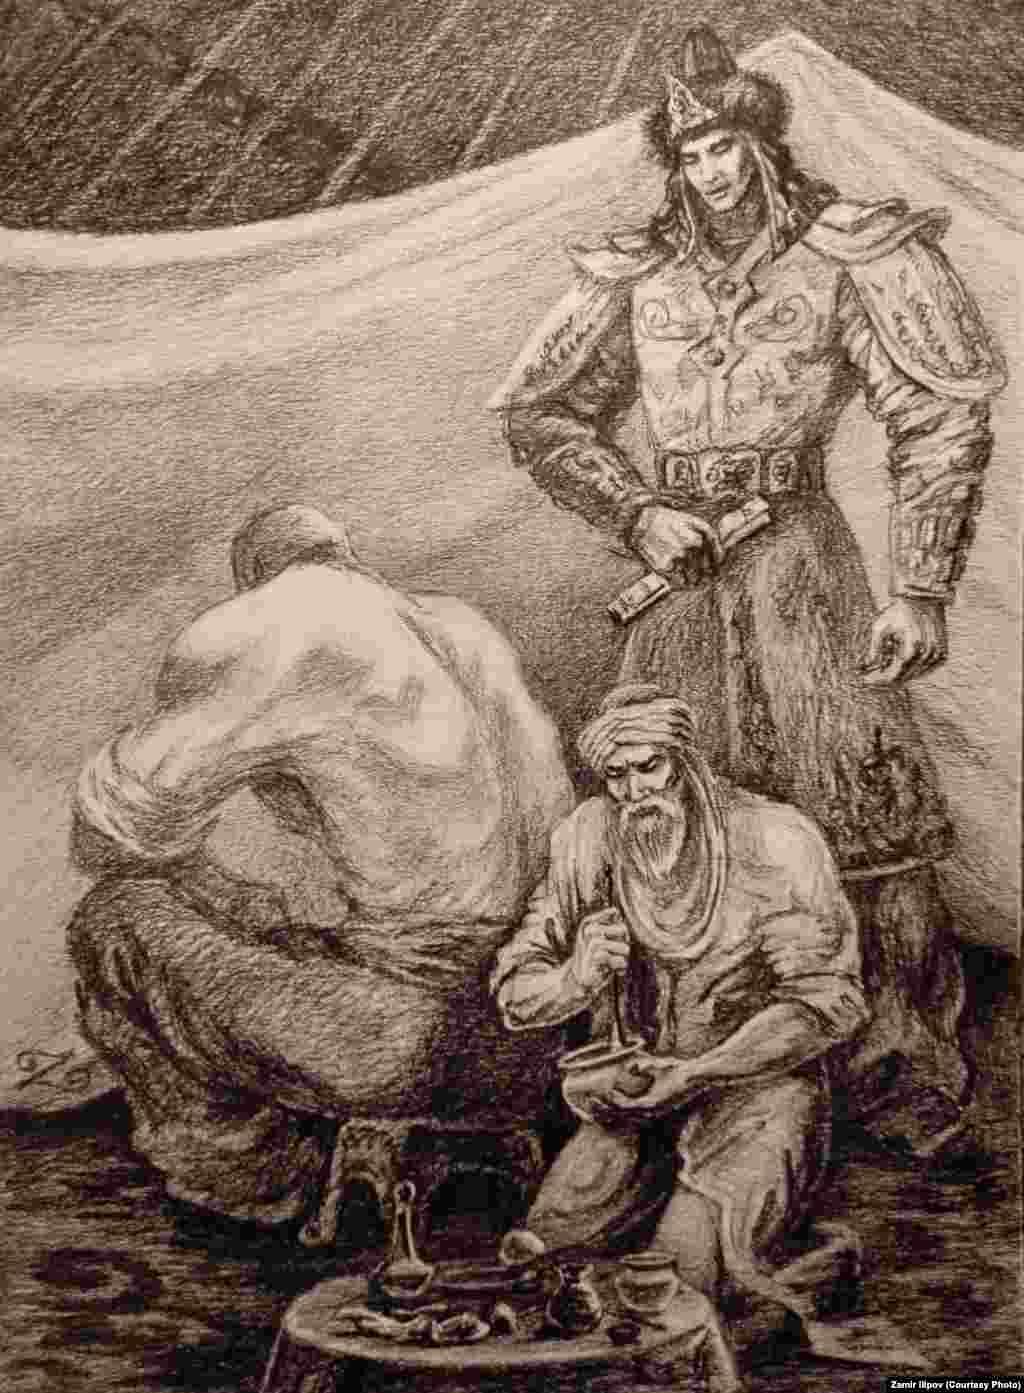 Замир Илипов байыркы кыргыздардын элесин, турмушун тартканды жактыра турганын айтып келет.